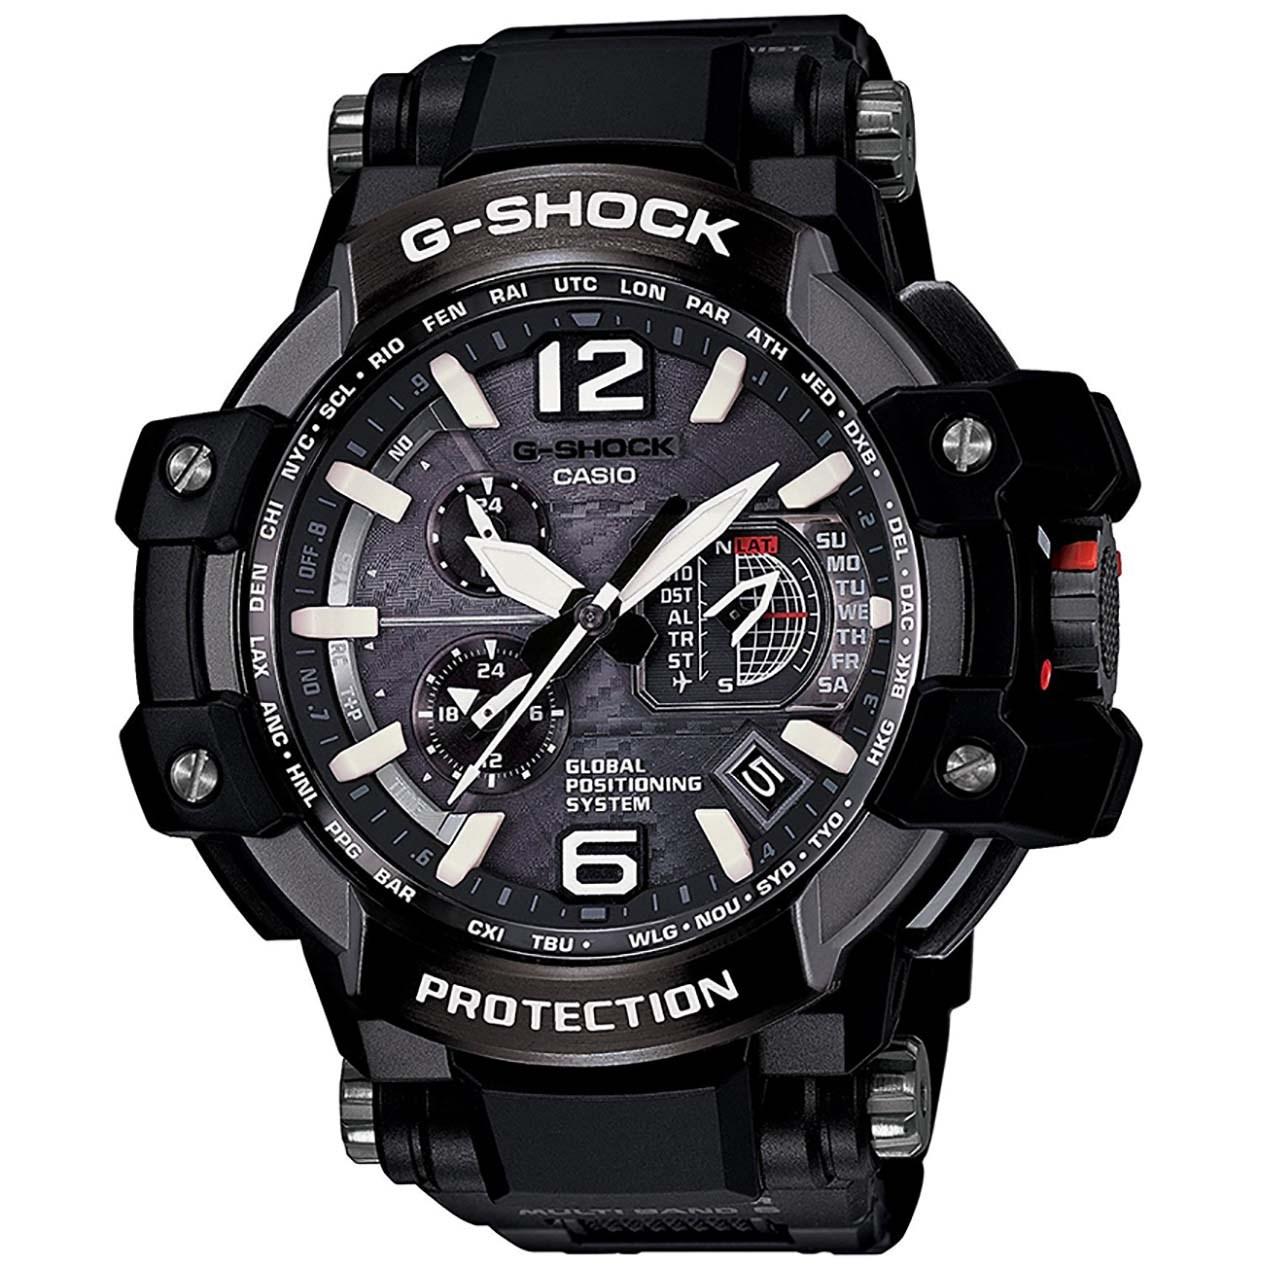 خرید ساعت مچی عقربه ای مردانه  کاسیو جی شاک مدل GPW-1000FC-1ADR